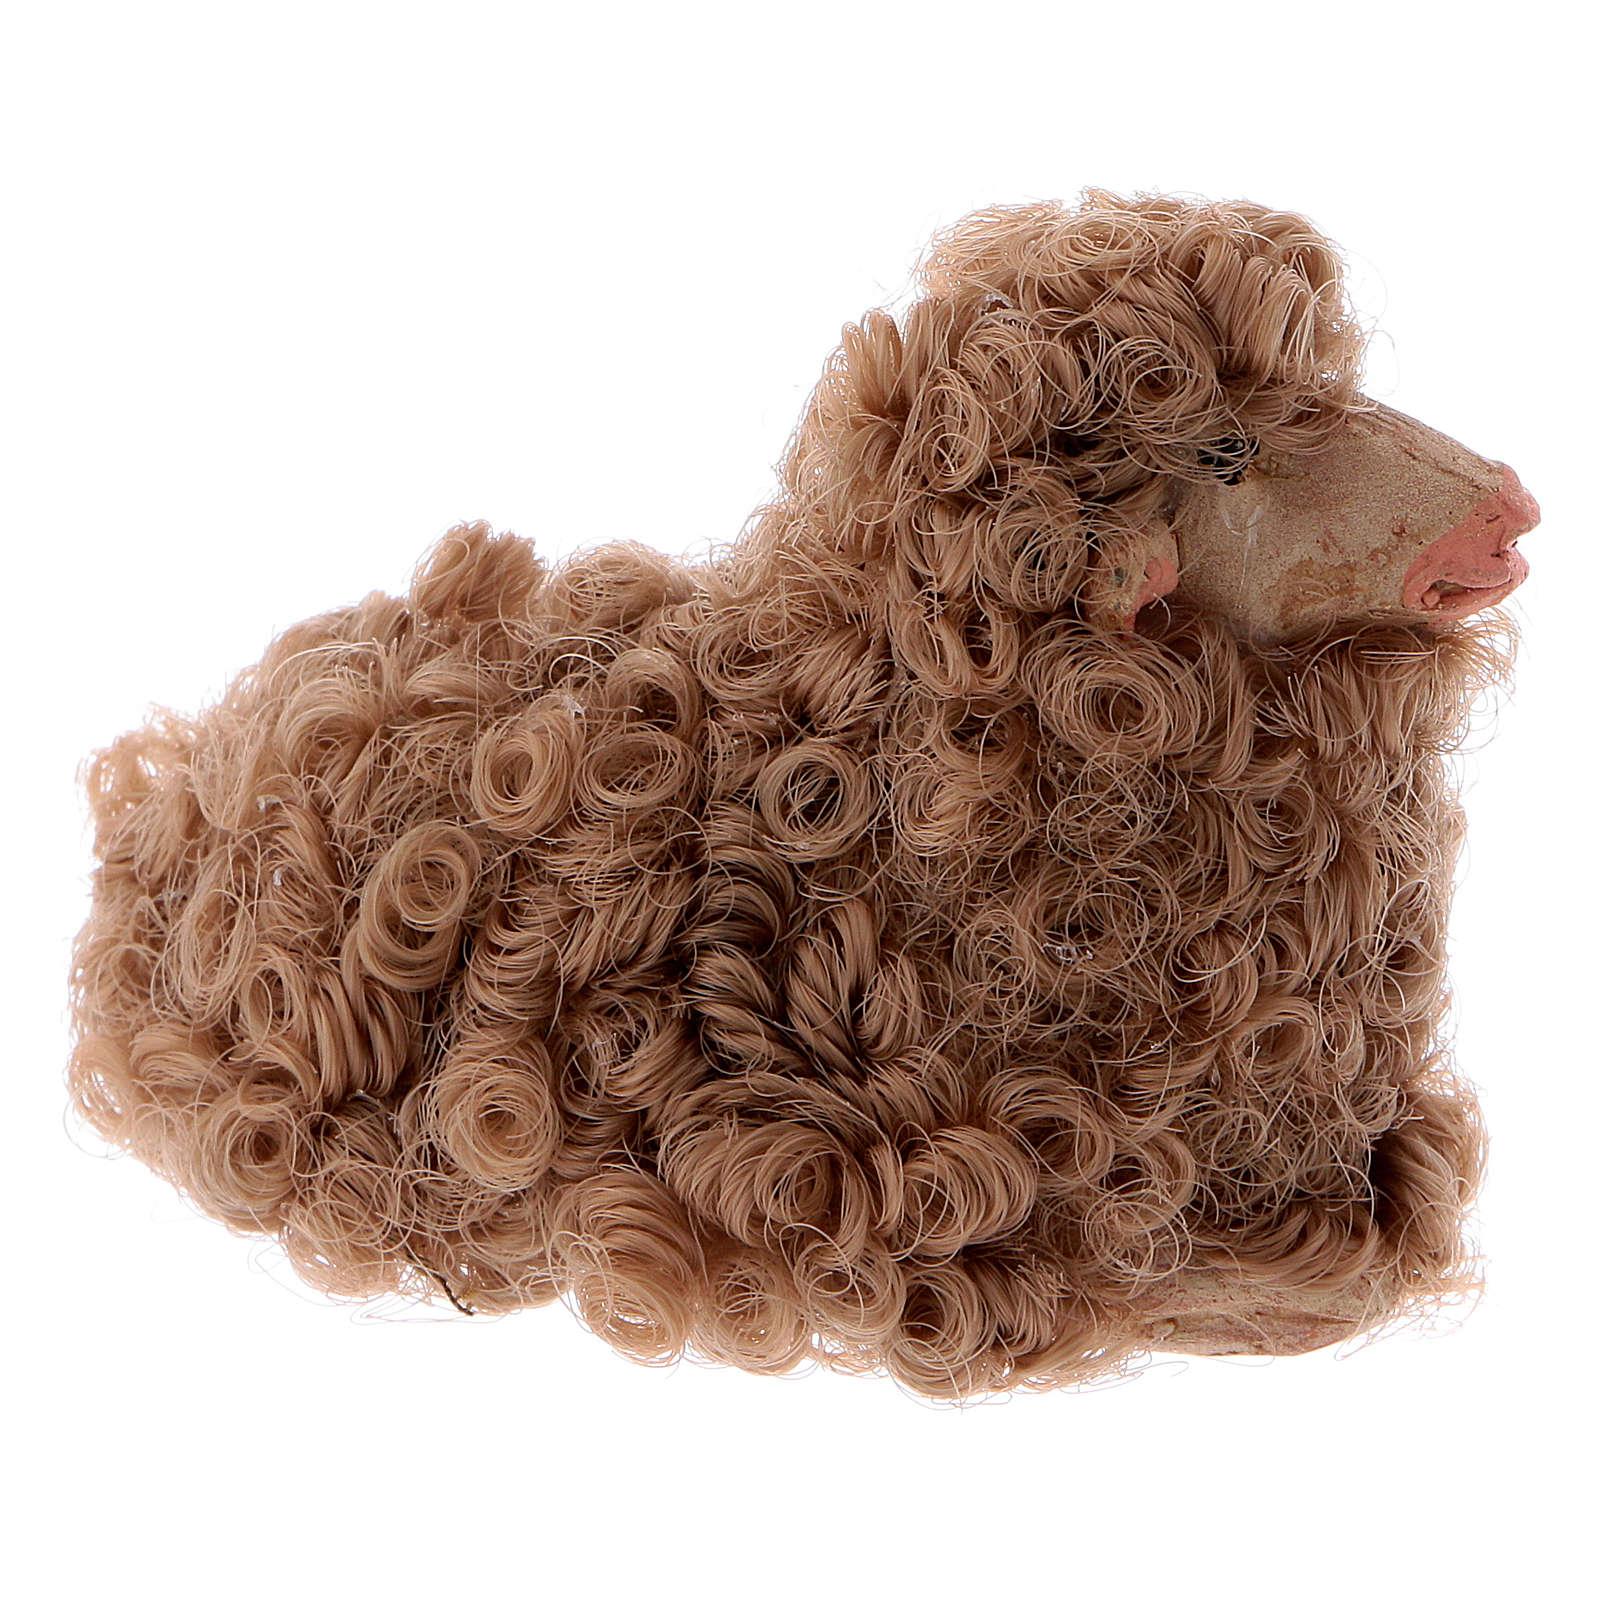 Pecorella accovacciata 12 cm colori misti 4